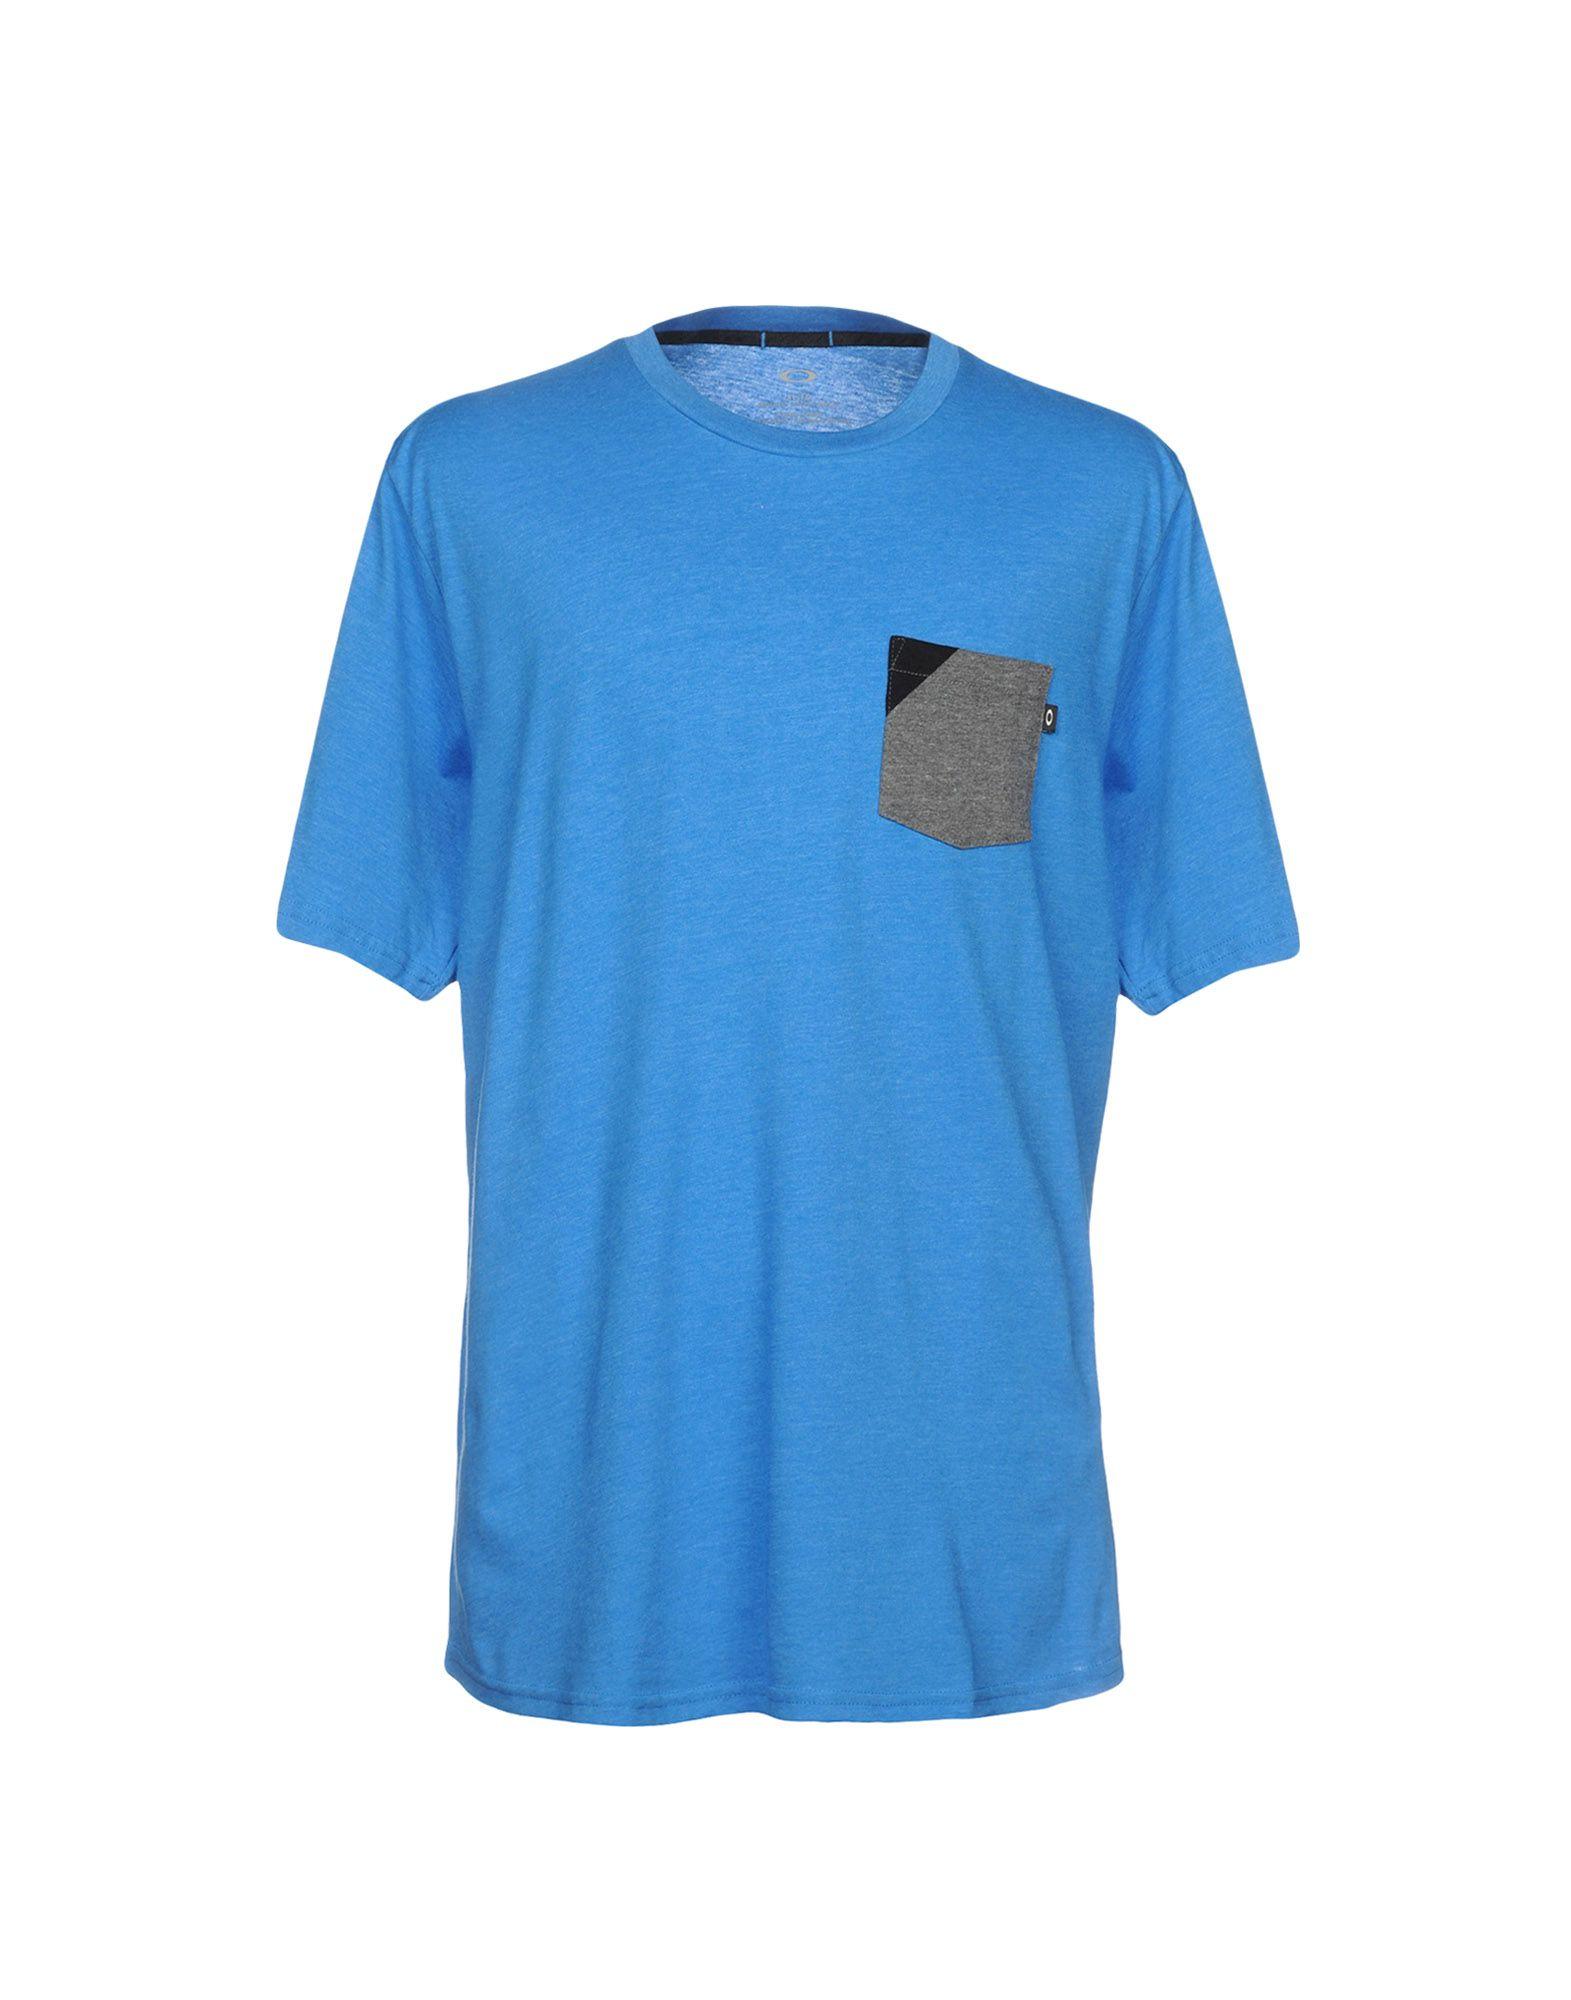 《送料無料》OAKLEY メンズ T シャツ アジュールブルー XS コットン 50% / ポリエステル 50%